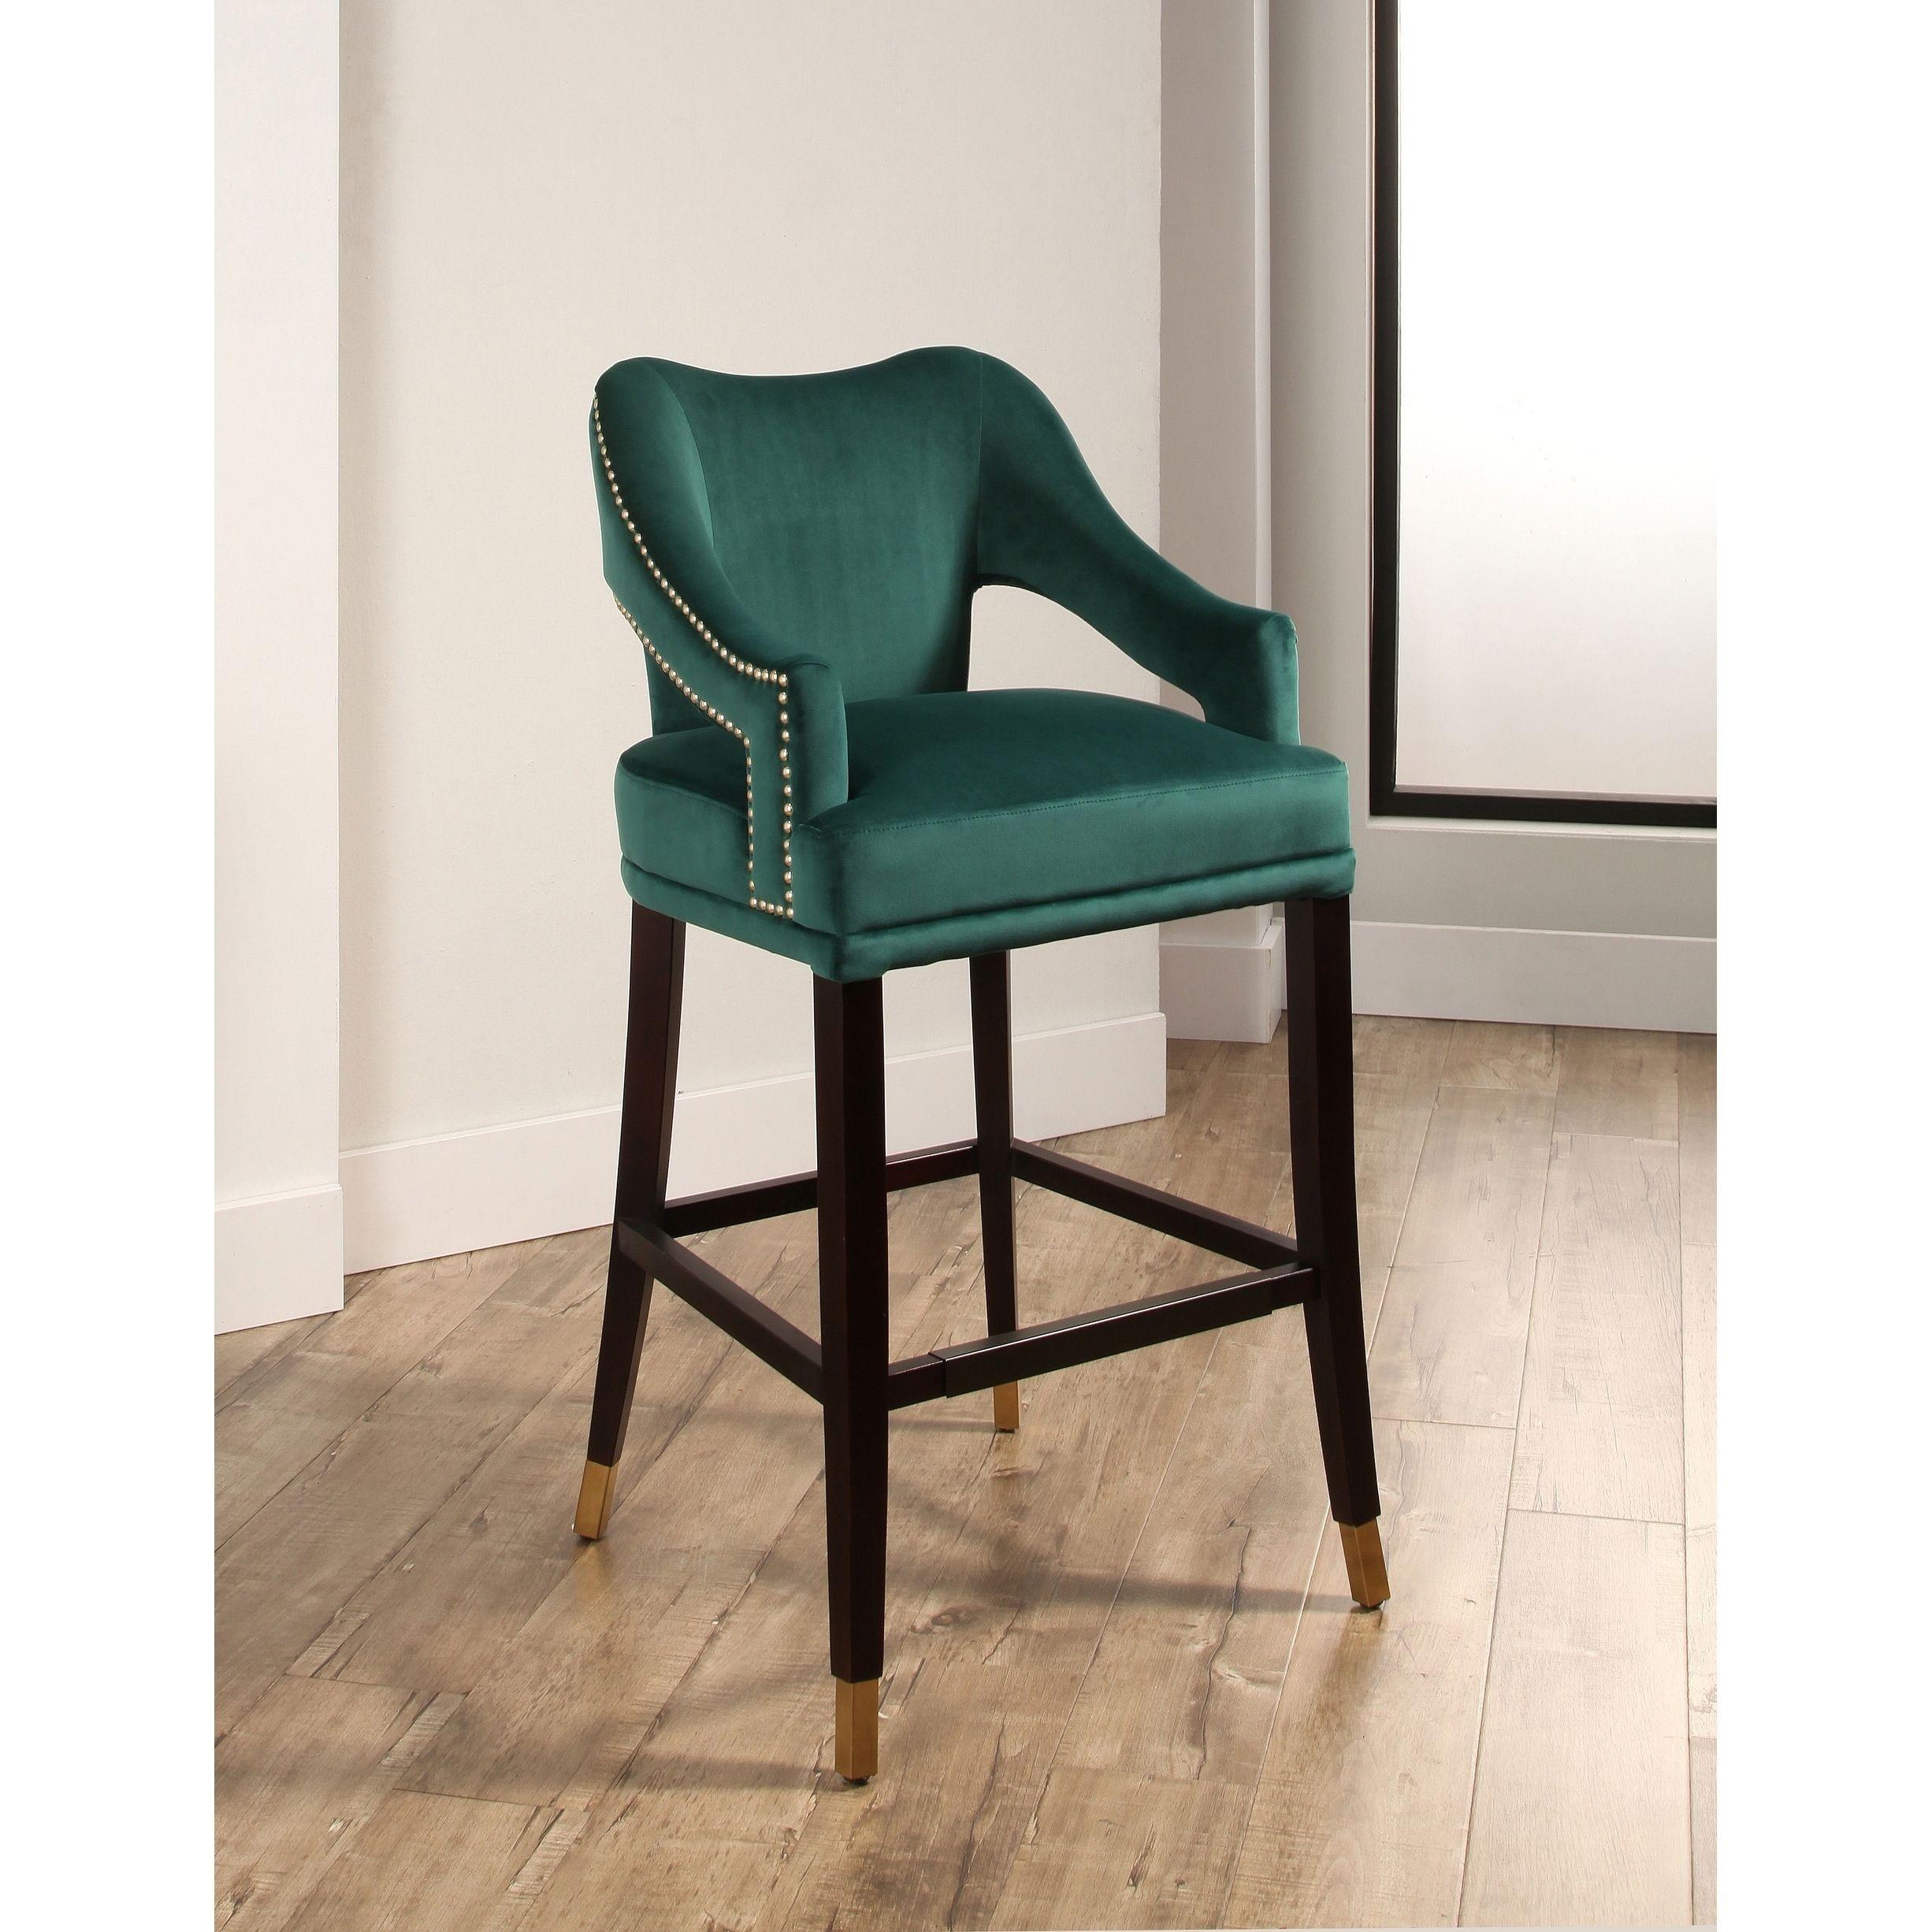 Wondrous Abbyson Darcy Curved Back Velvet Bar Stool Navy Blue In Creativecarmelina Interior Chair Design Creativecarmelinacom